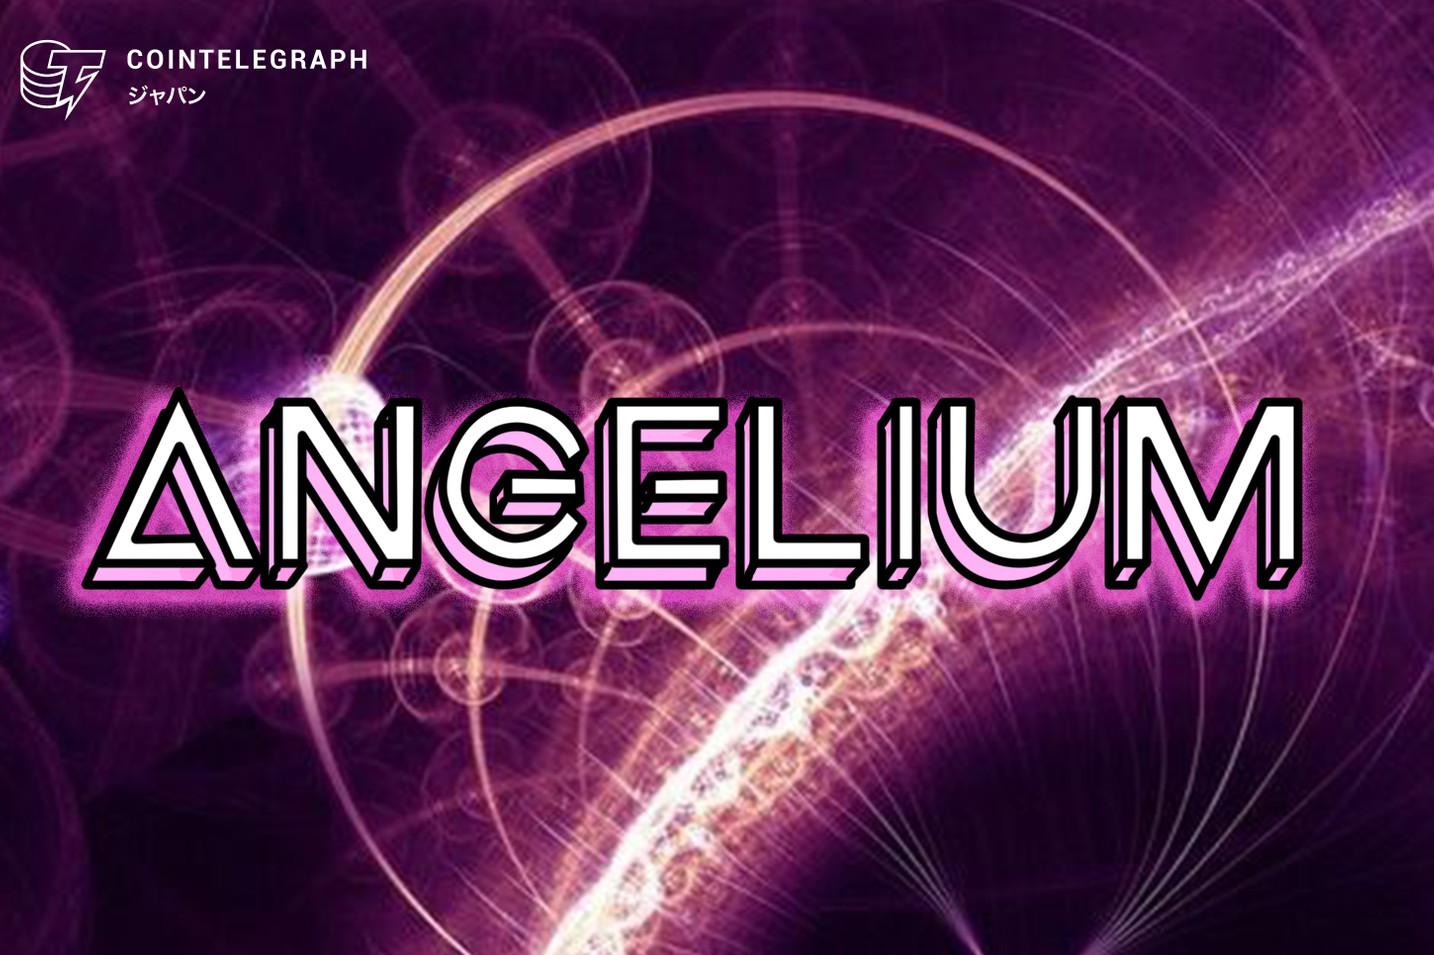 ブロックチェーン仮想空間プロジェクト「ANGELIUM(エンジェリウム)」急成長のアジア市場でまもなく始動